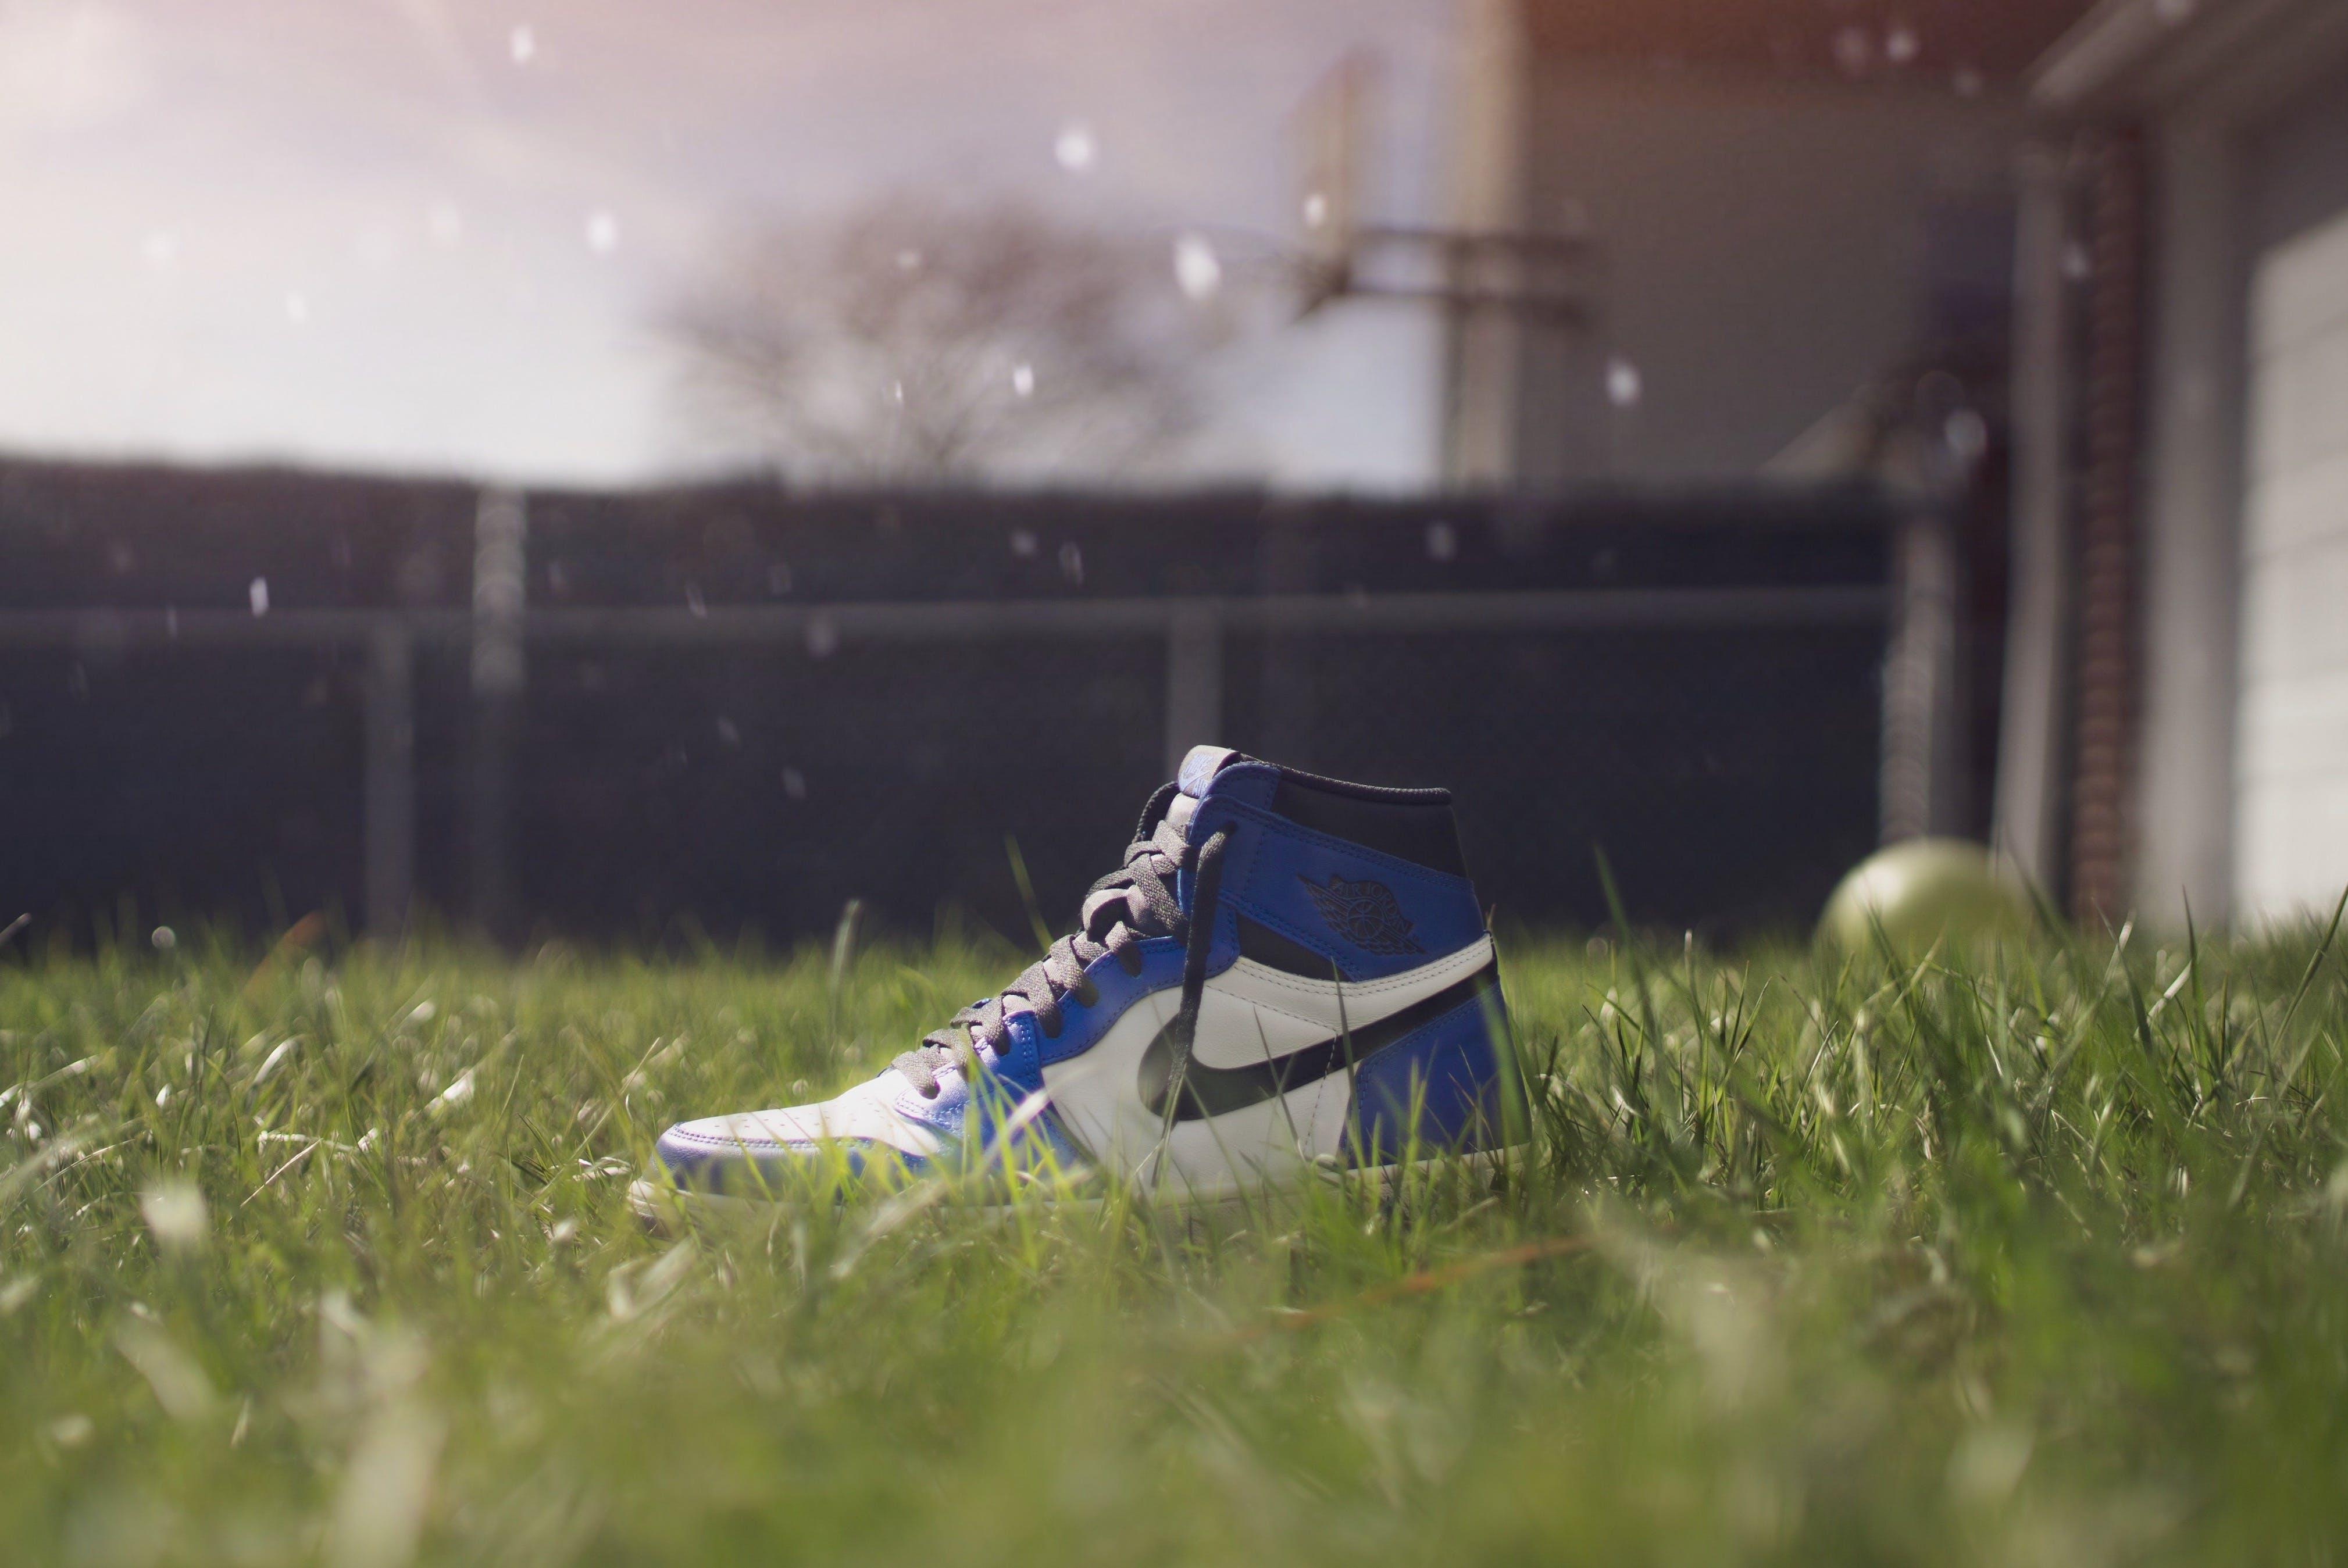 Selective Focus Photography of Air Jordan 1